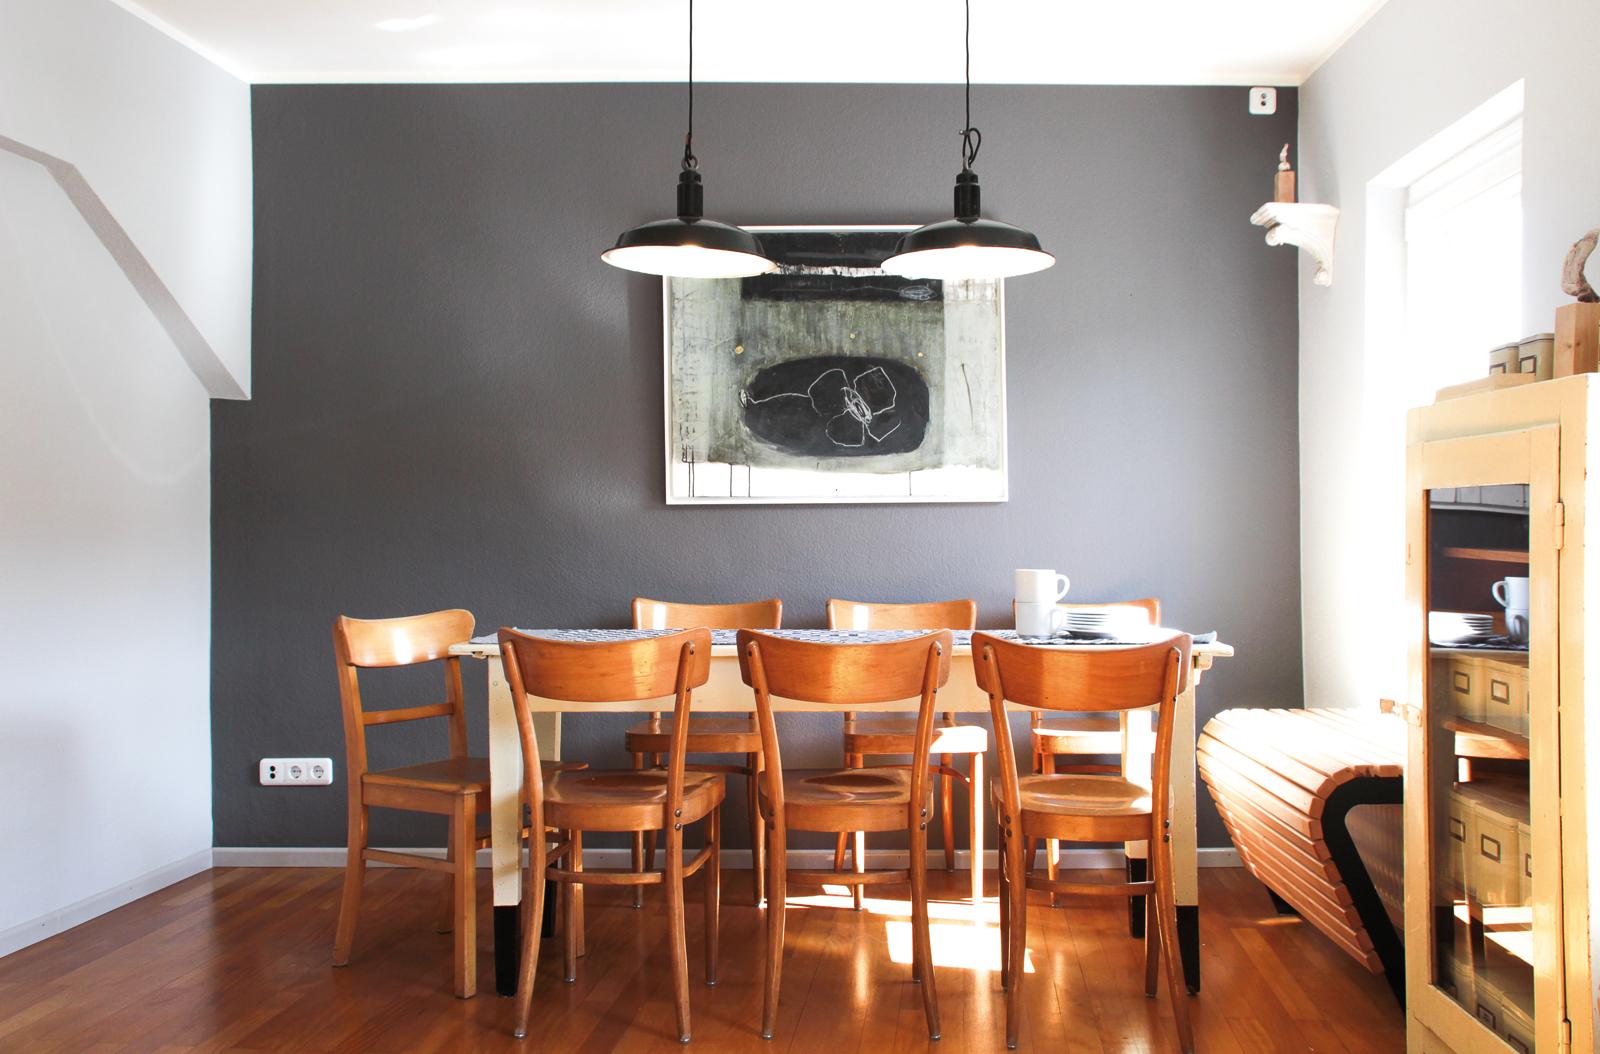 kreidefarbe-Wolkenweiß-112-Esszimmer-zementfliesen-terrazzofliesen-viaplatten | Kreidefarbe Wolkenweiß 2500 ml